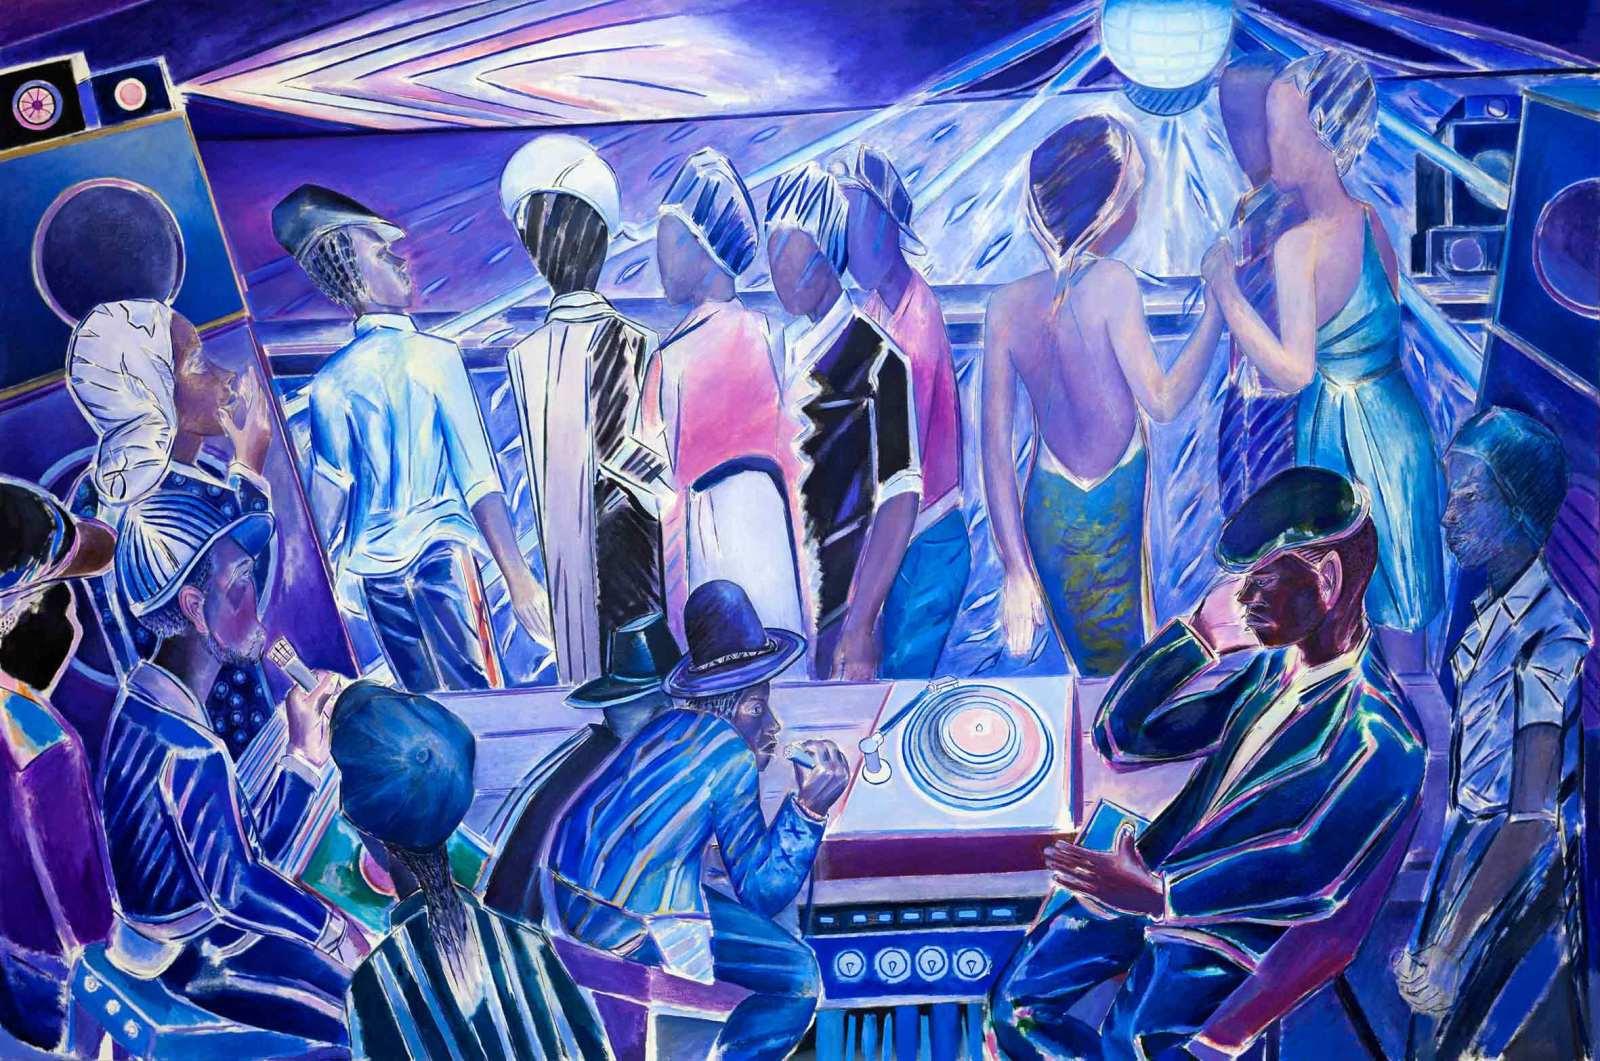 Stephen Friedman Gallery Now Reps Denzil Forrester